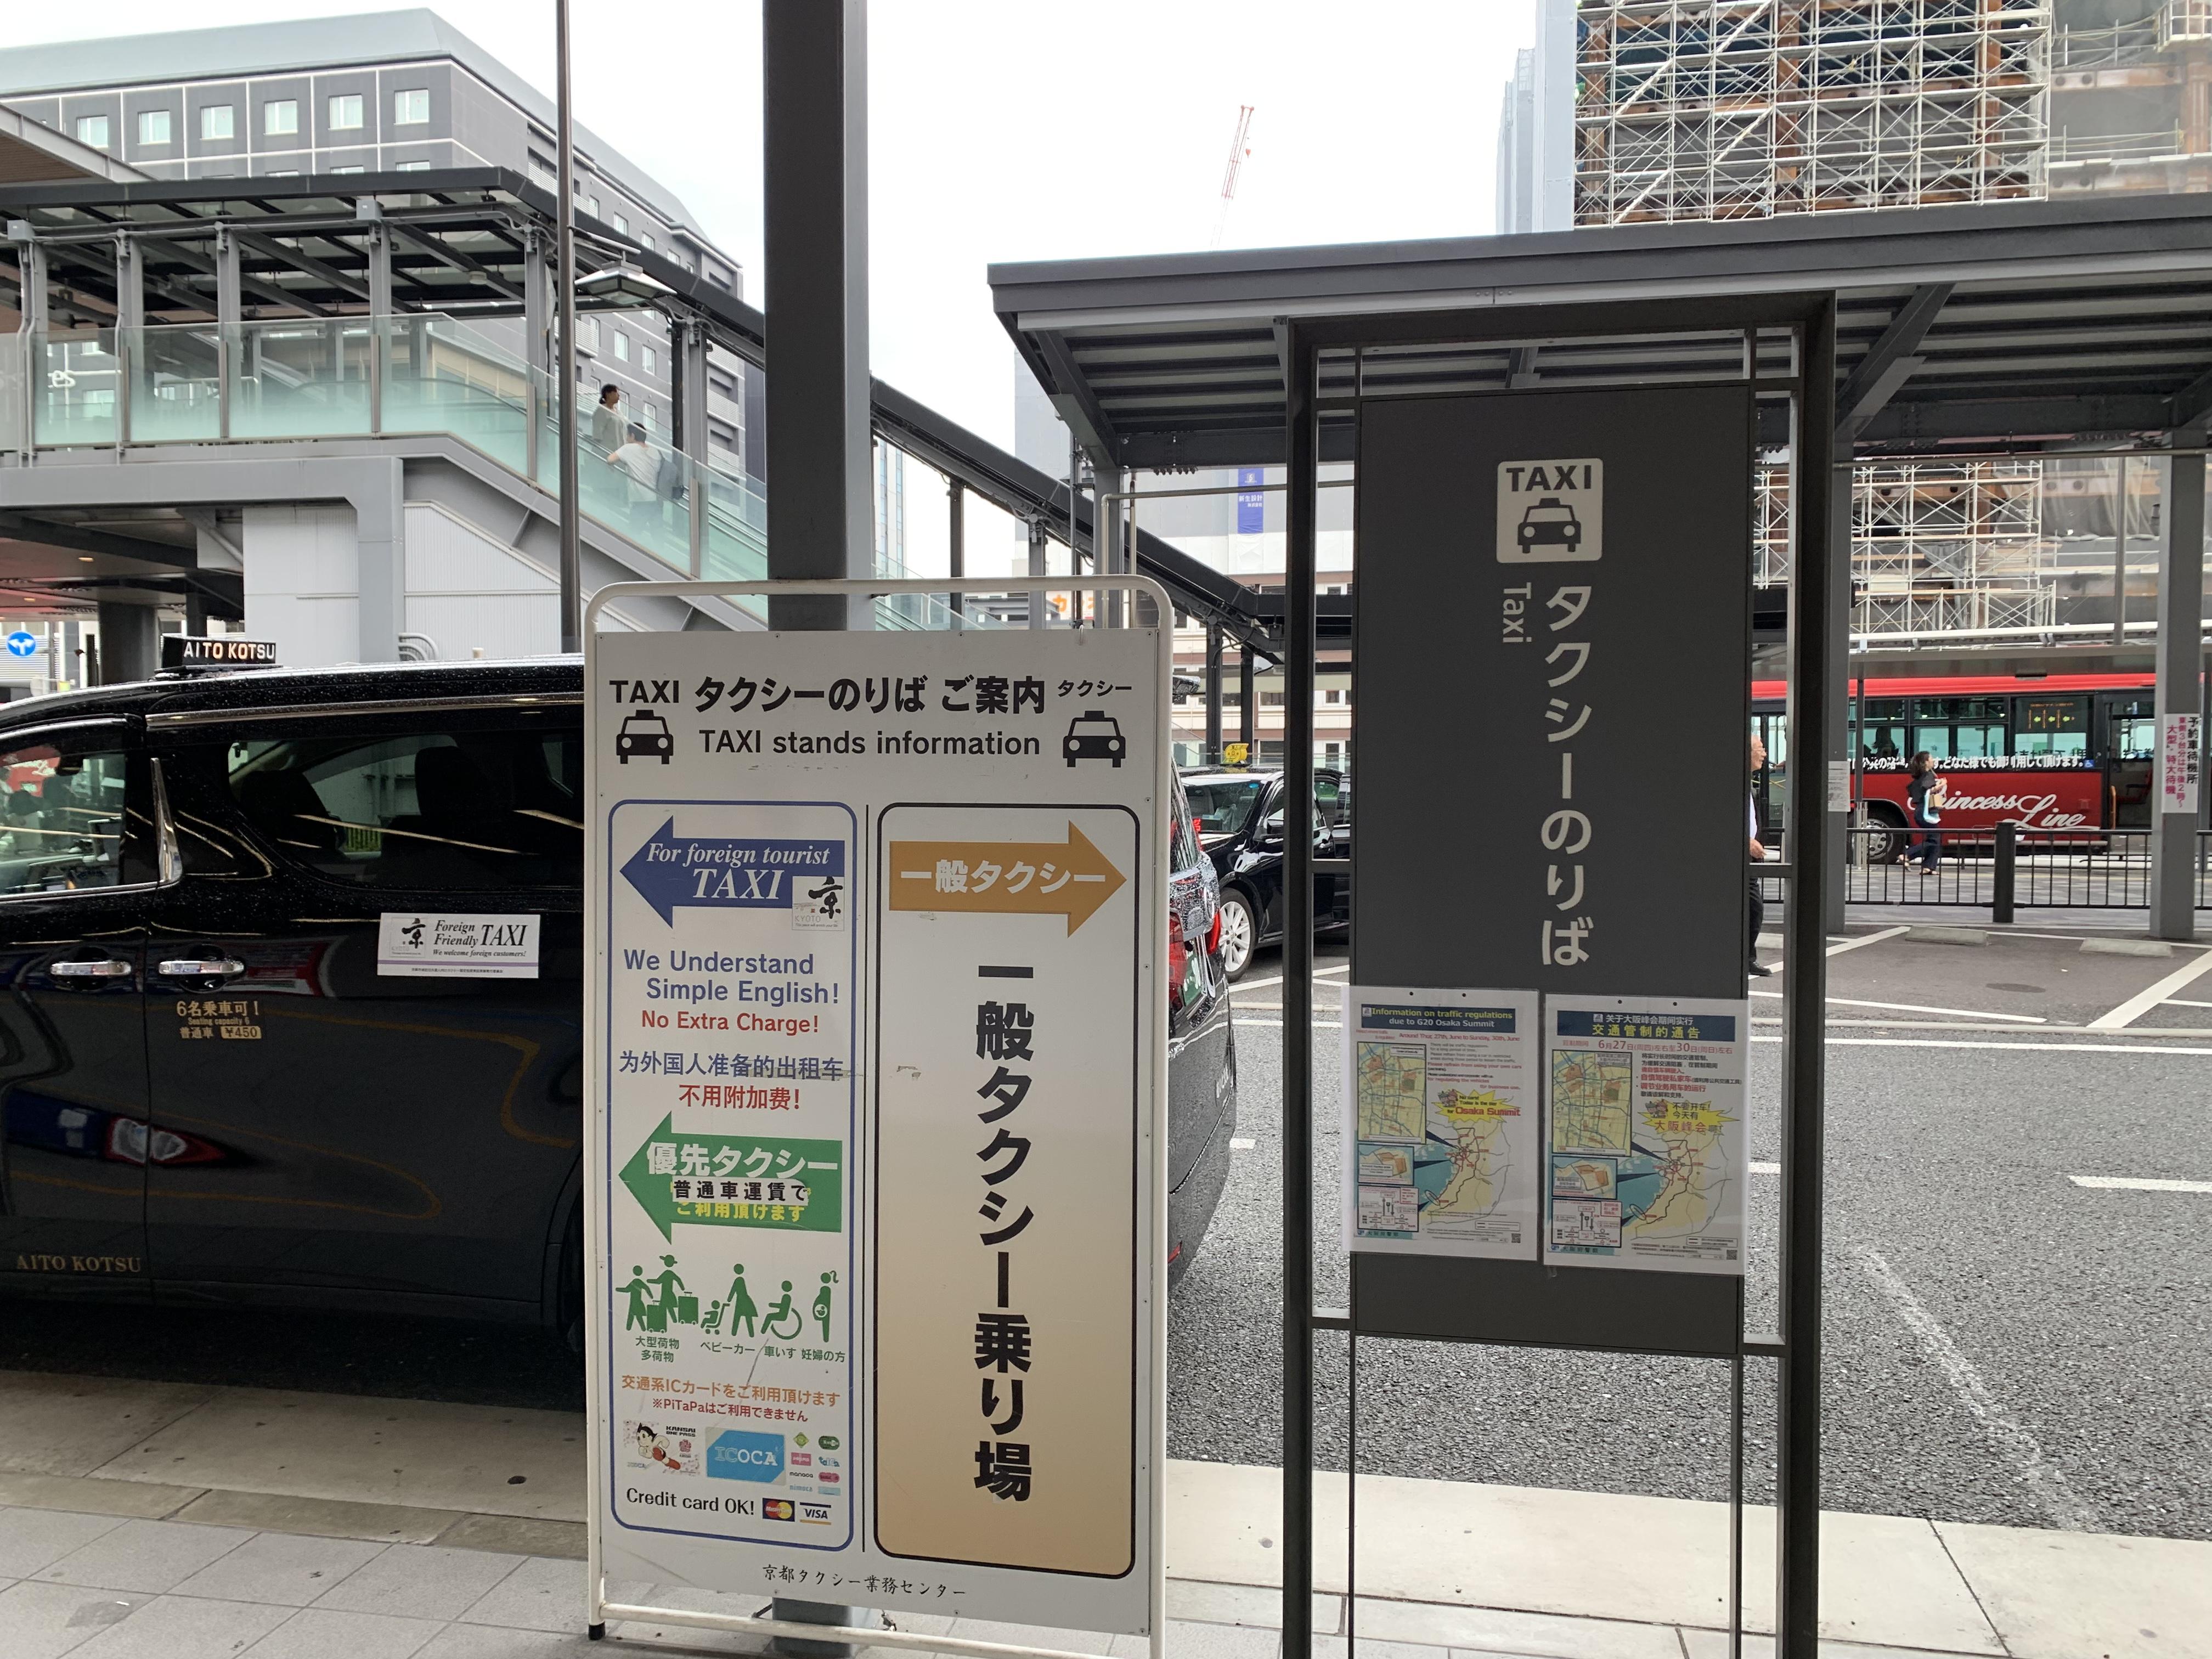 京都新幹線口のタクシー乗り場